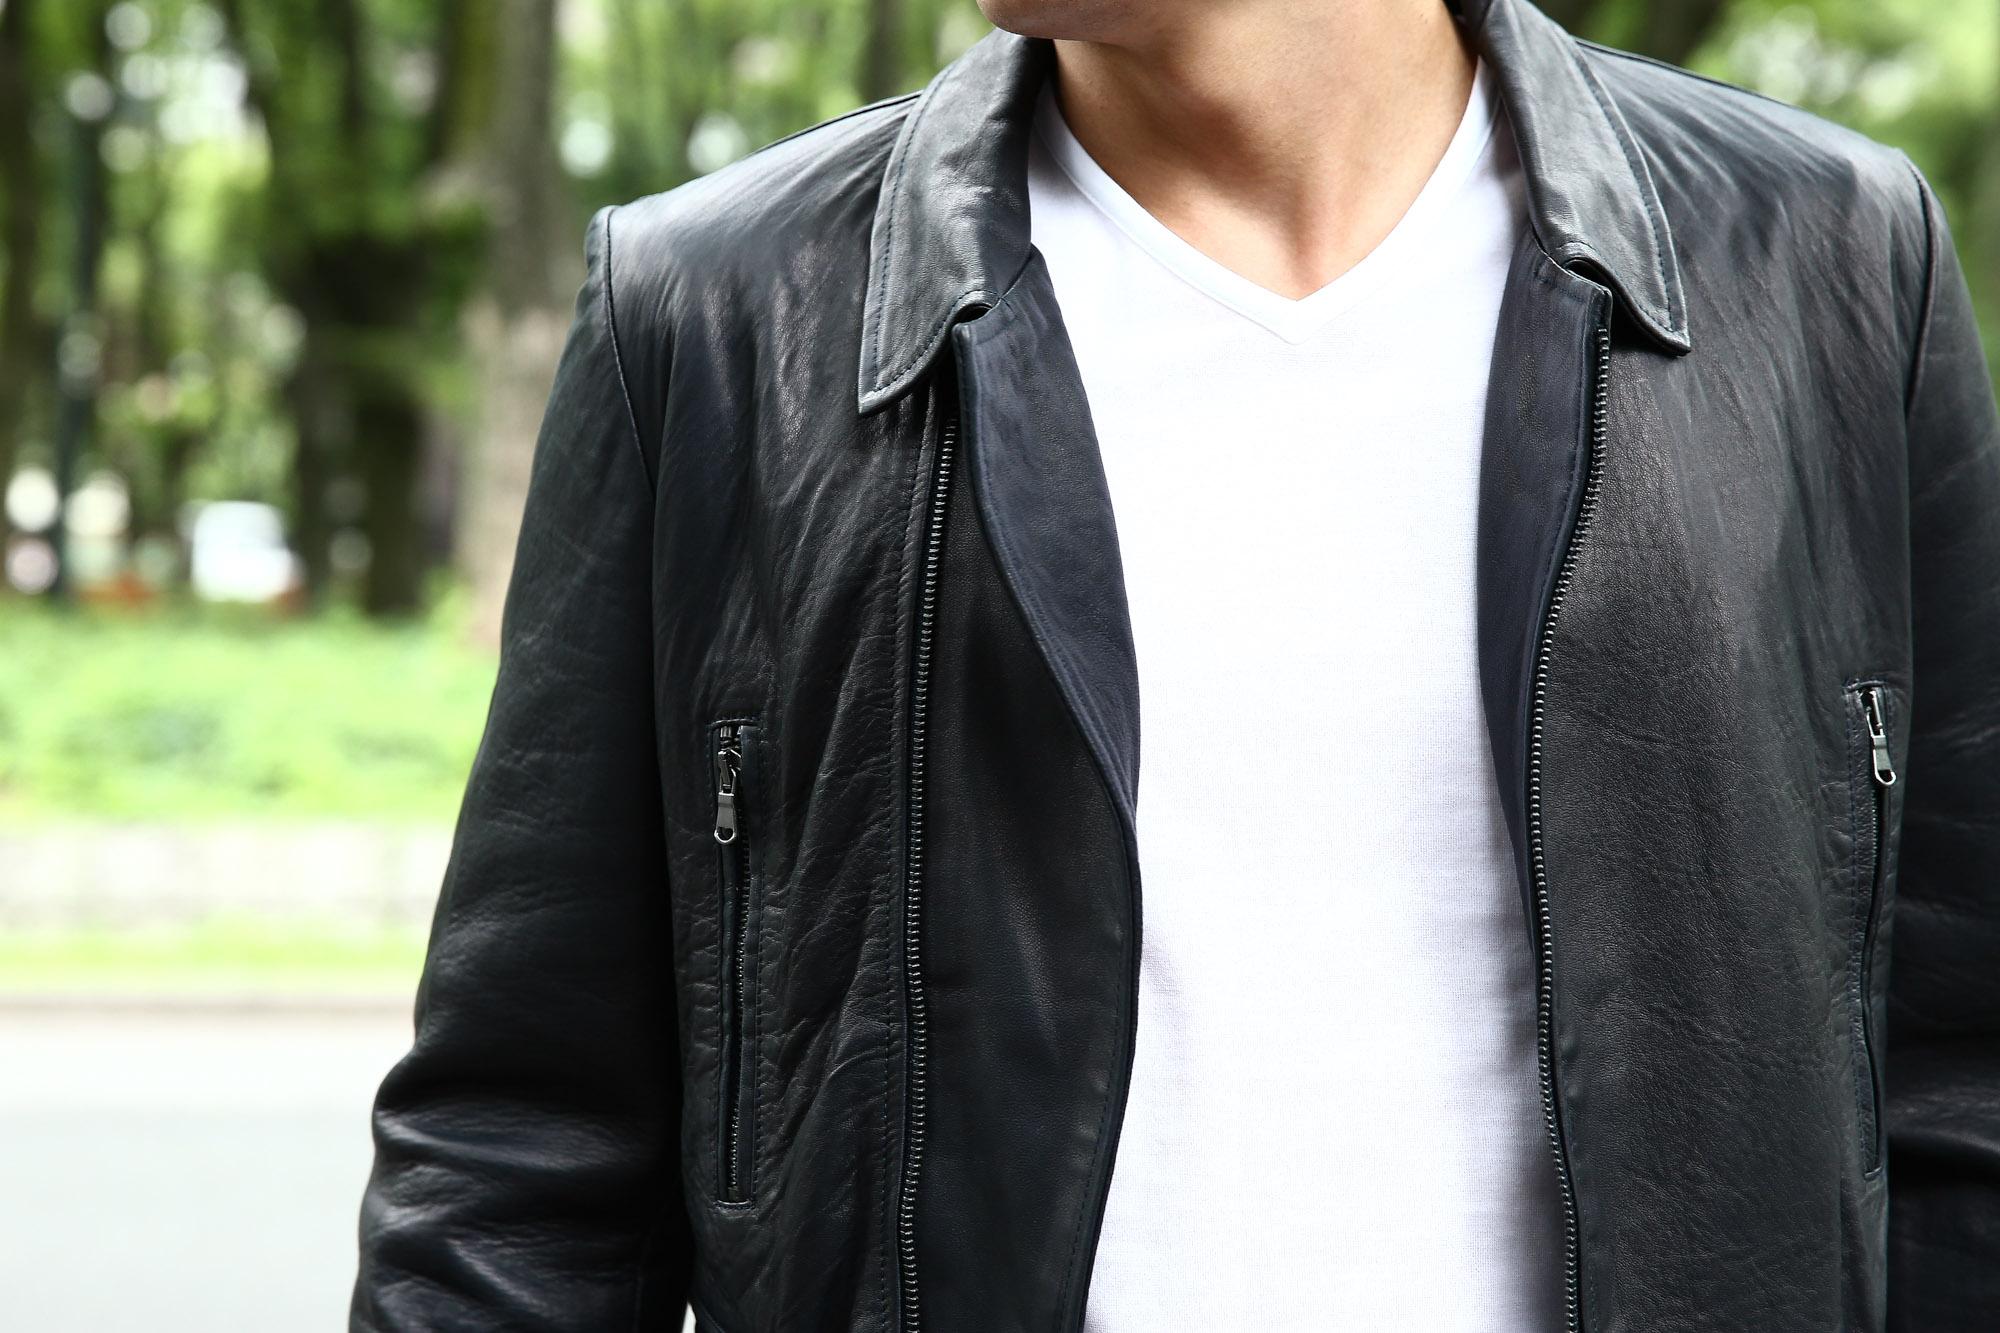 Radice(ラディーチェ) 1012 Lamb Napa(ラムナッパ) Leather Jacket ダブルライダース レザージャケット NAVY(ネイビー) MADE IN ITALY イタリア製 ダブルライダース ラムナッパレザー 愛知 名古屋 ZODIAC ゾディアック セレクトショップ モデル着用 Zanone アイスコットン Tシャツ Vネック